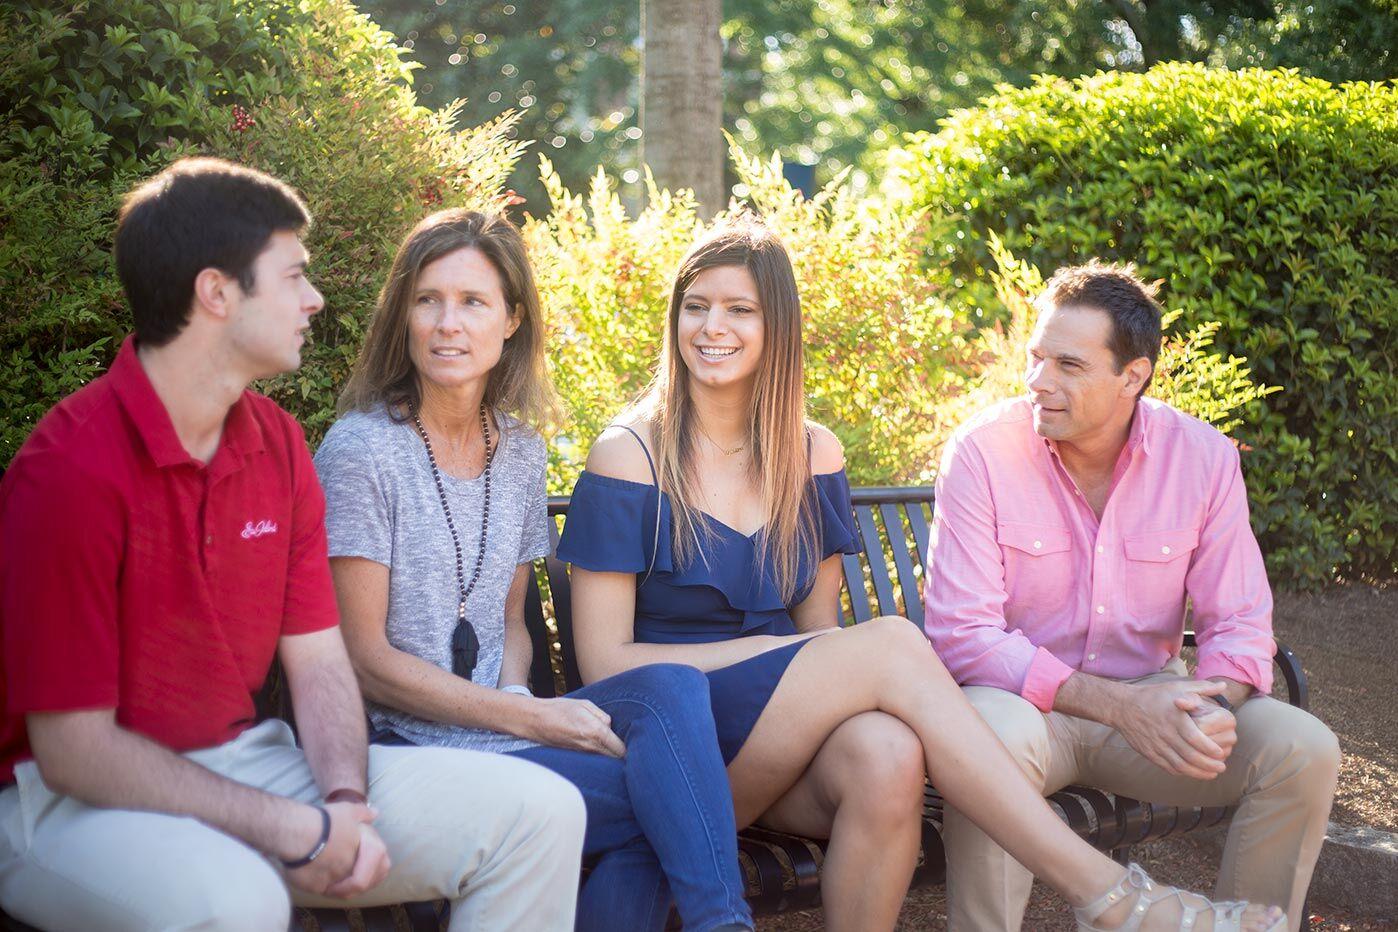 Steilens family